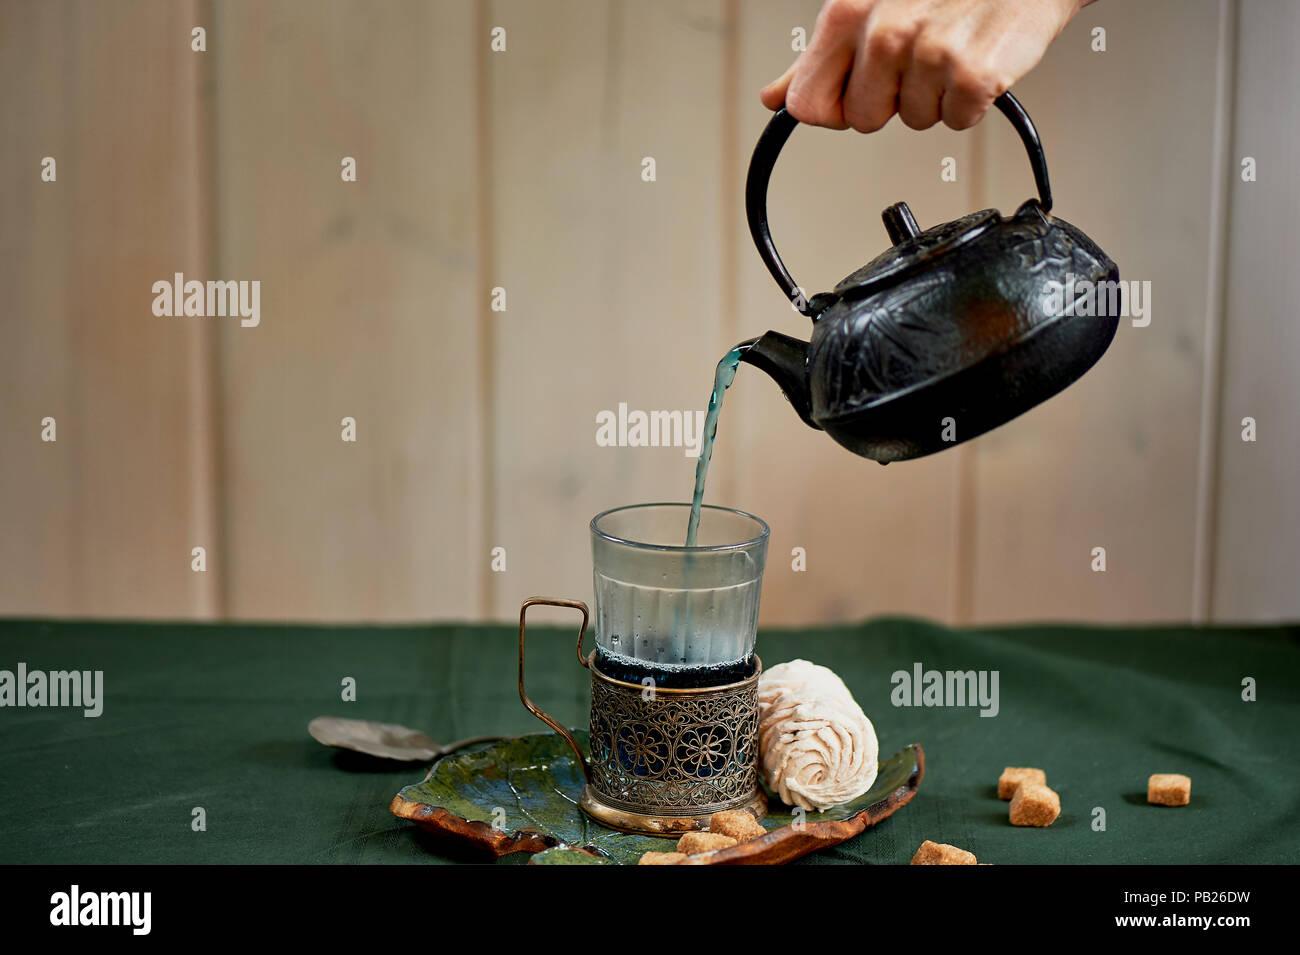 Kaffee mit blauer Tee. Blume Kräutertee. Frauenhände, gießt Kaffee aus dem Wasserkocher in einem Glas mit Becherhalter Stockbild